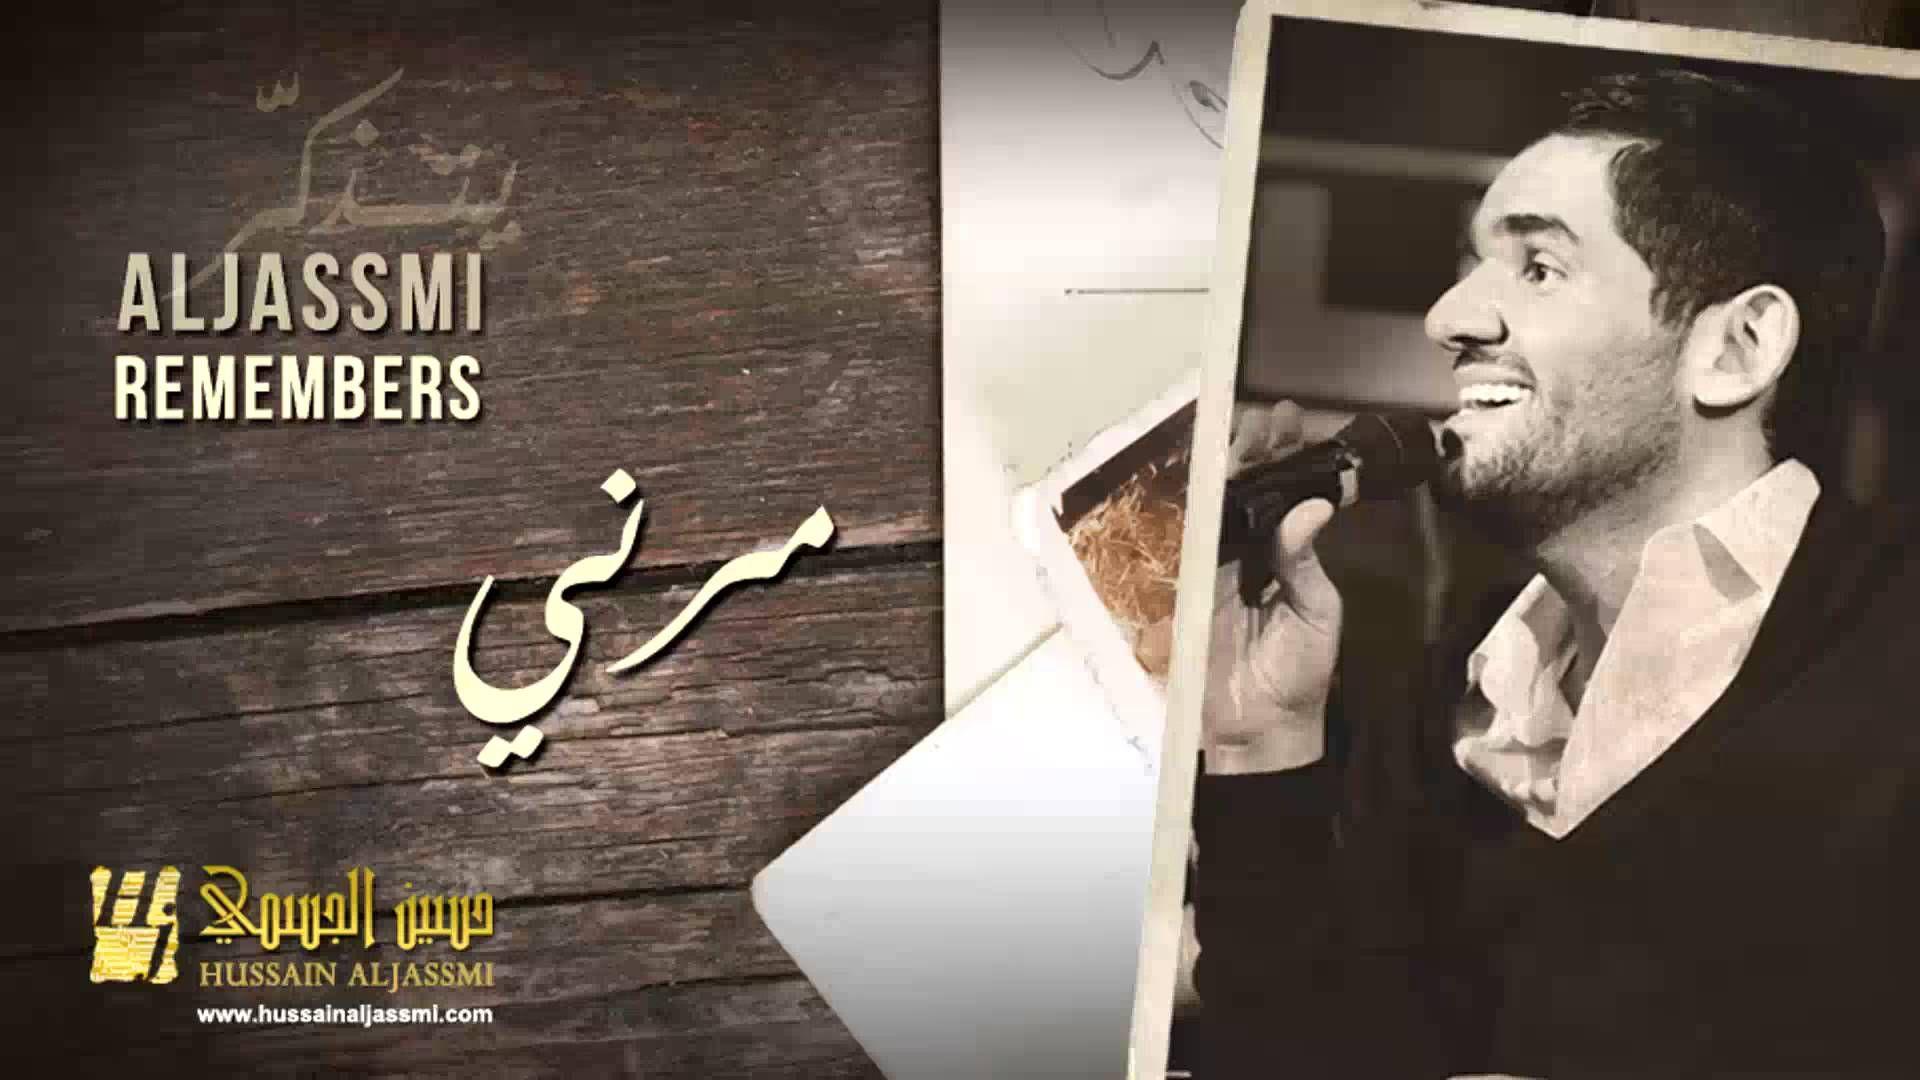 حسين الجسمي مرني